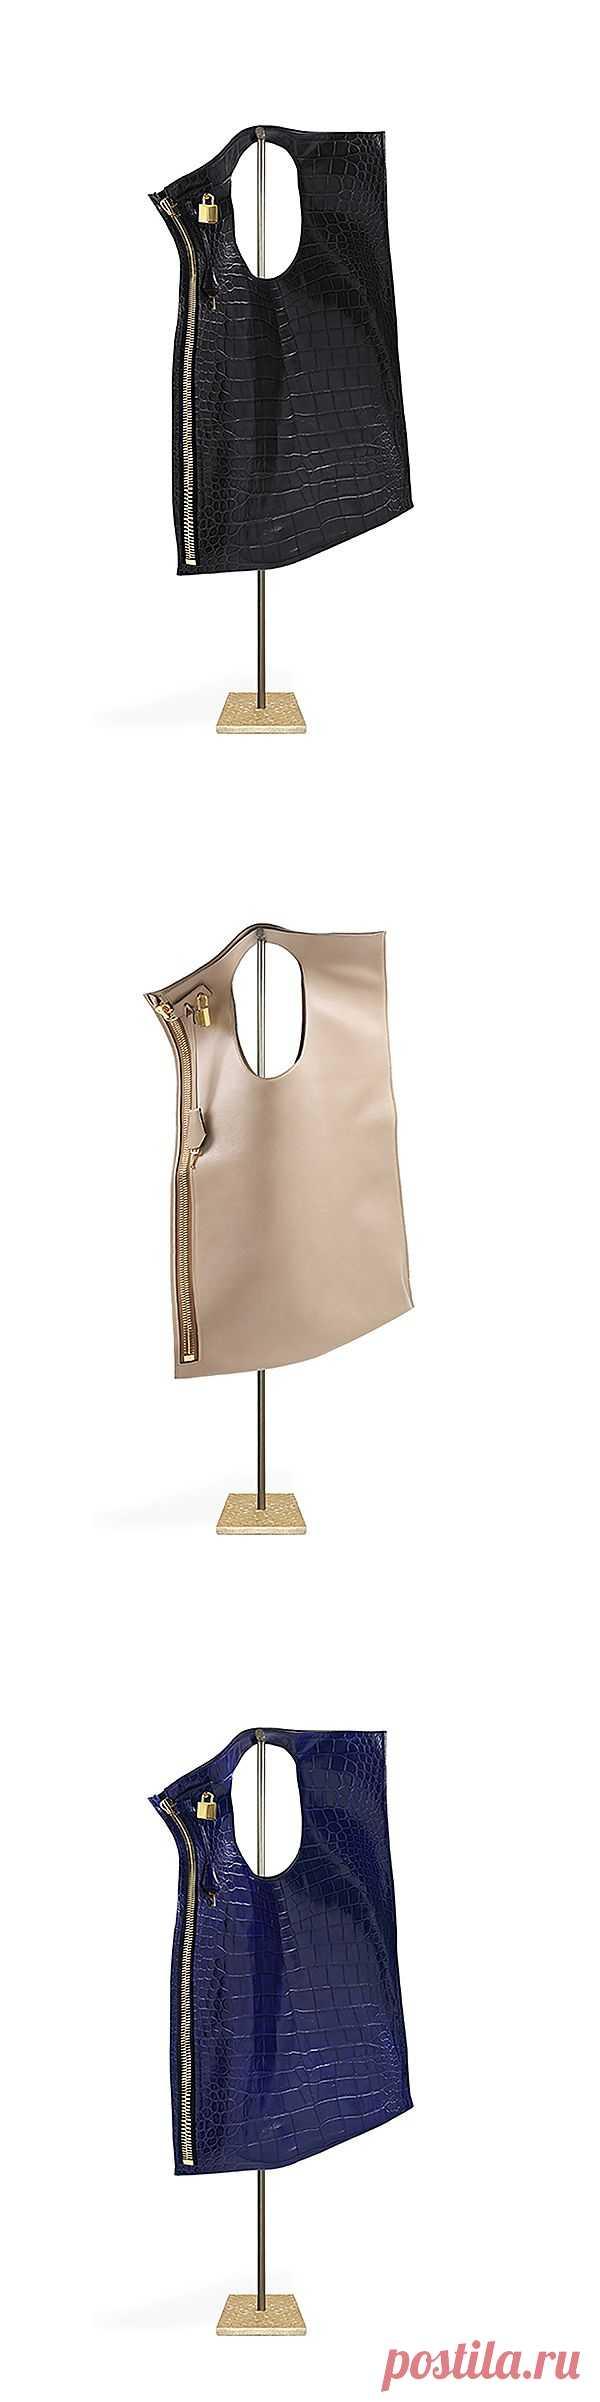 Простая сумка-пакет / Сумки, клатчи, чемоданы / Модный сайт о стильной переделке одежды и интерьера